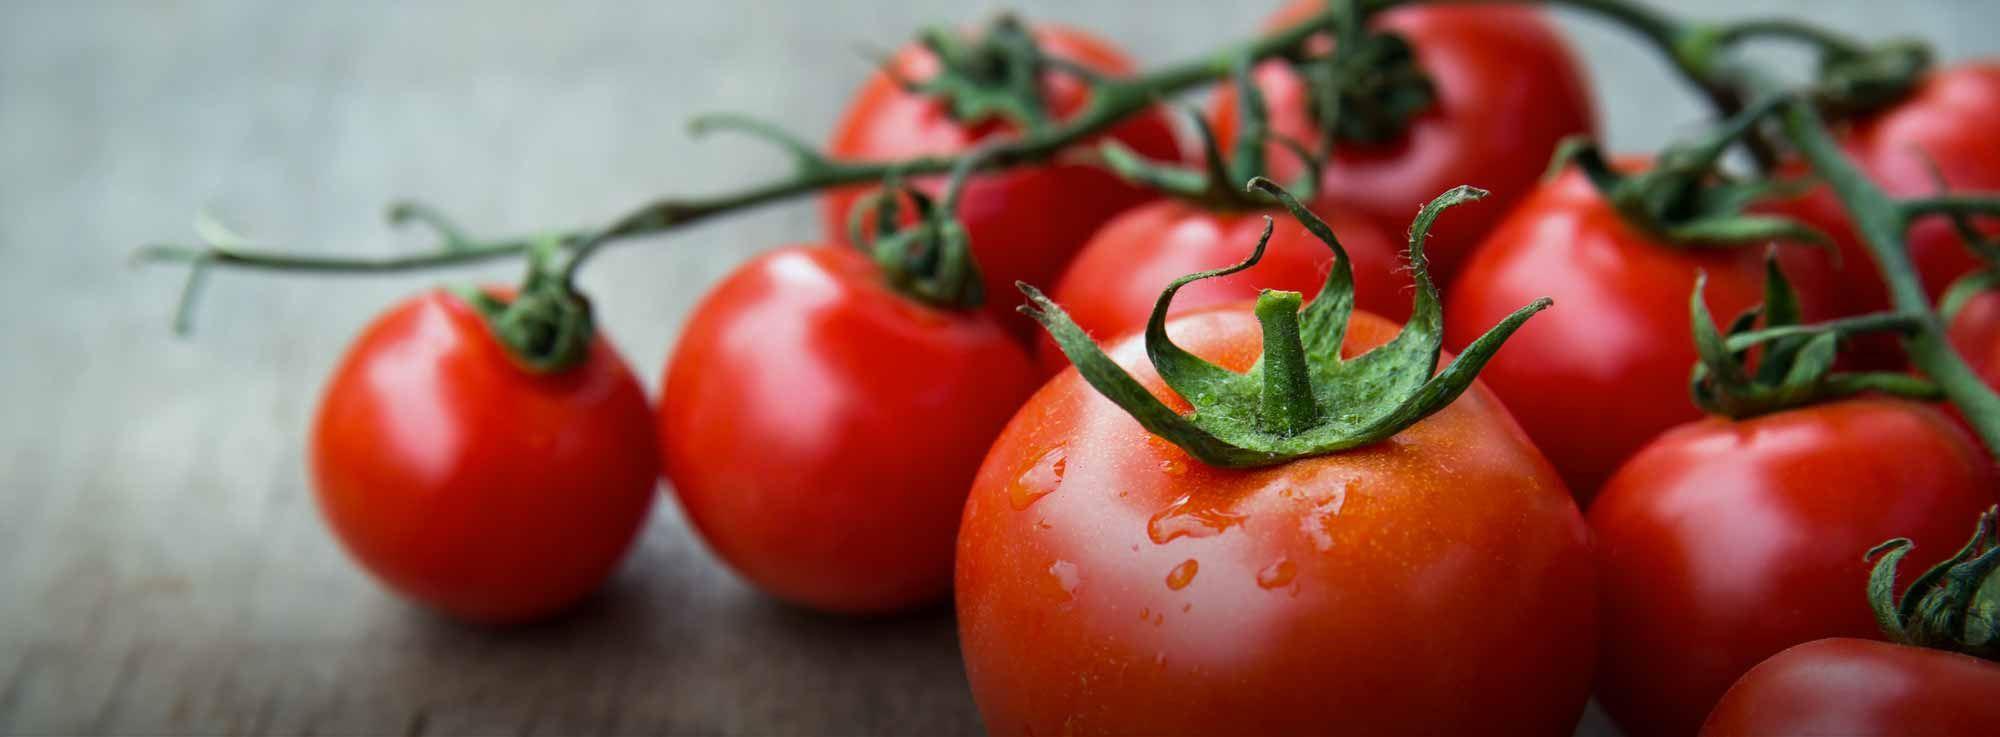 Ricetta: Salsa di pomodoro fatta in casa